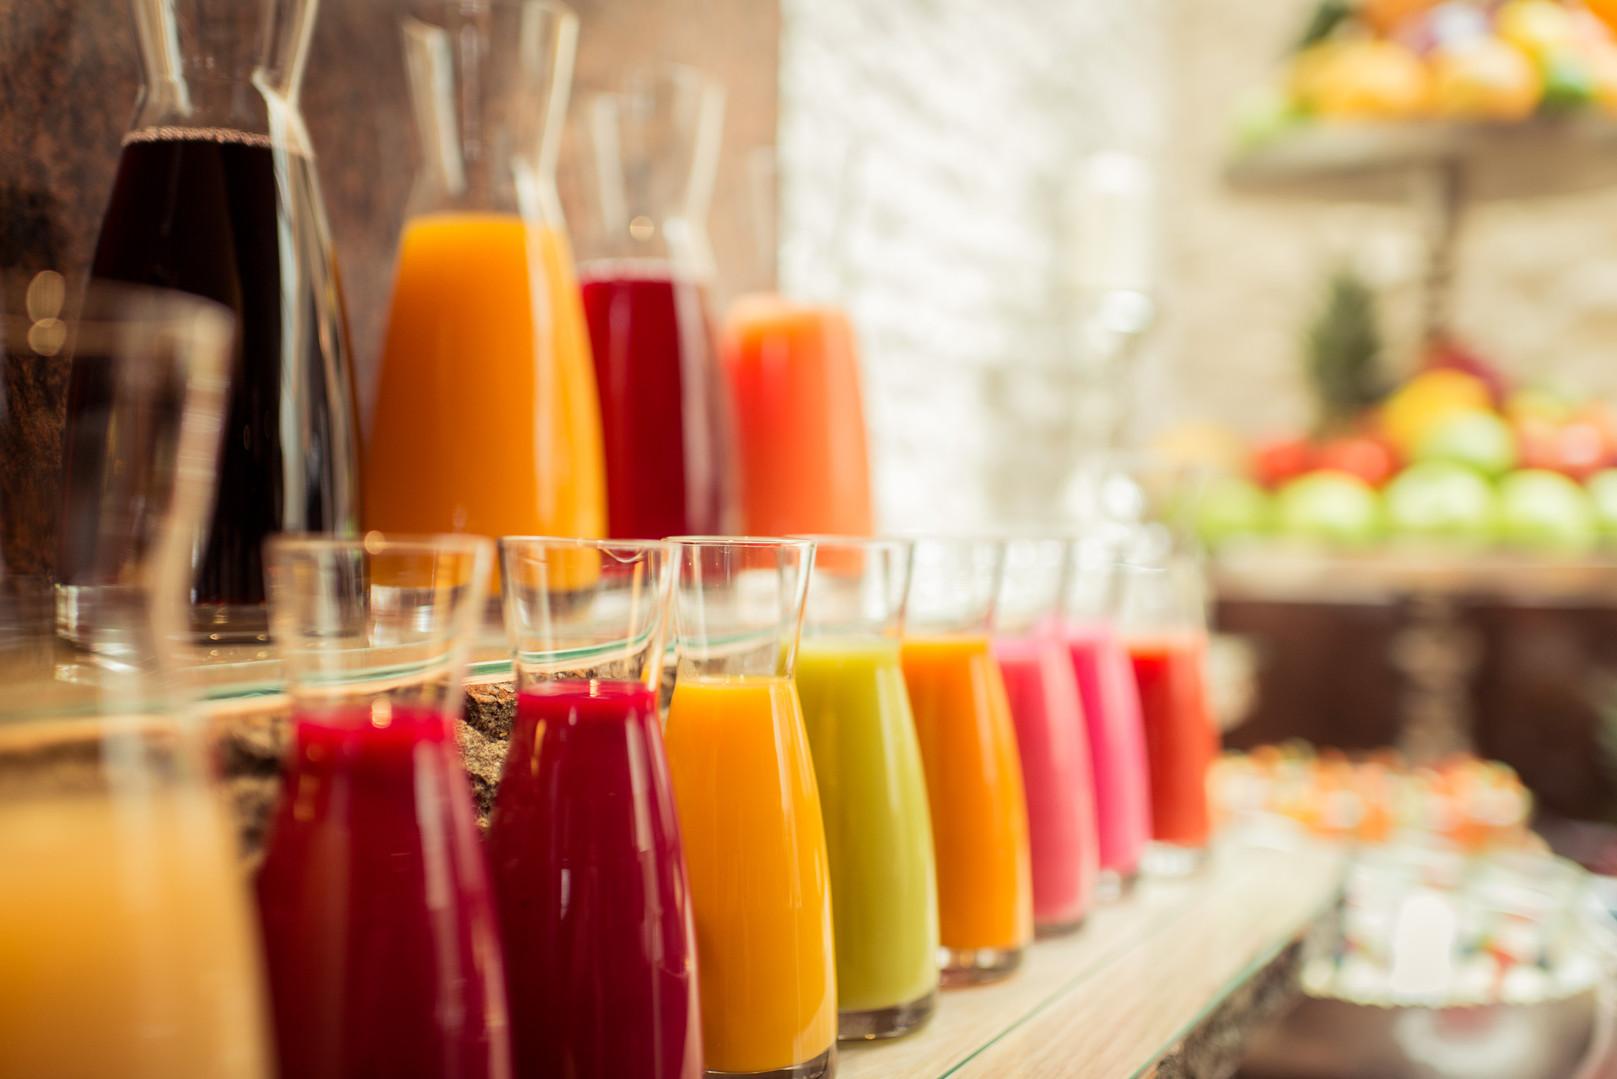 Säfte im Hotel Wegner - the culinary art hotel